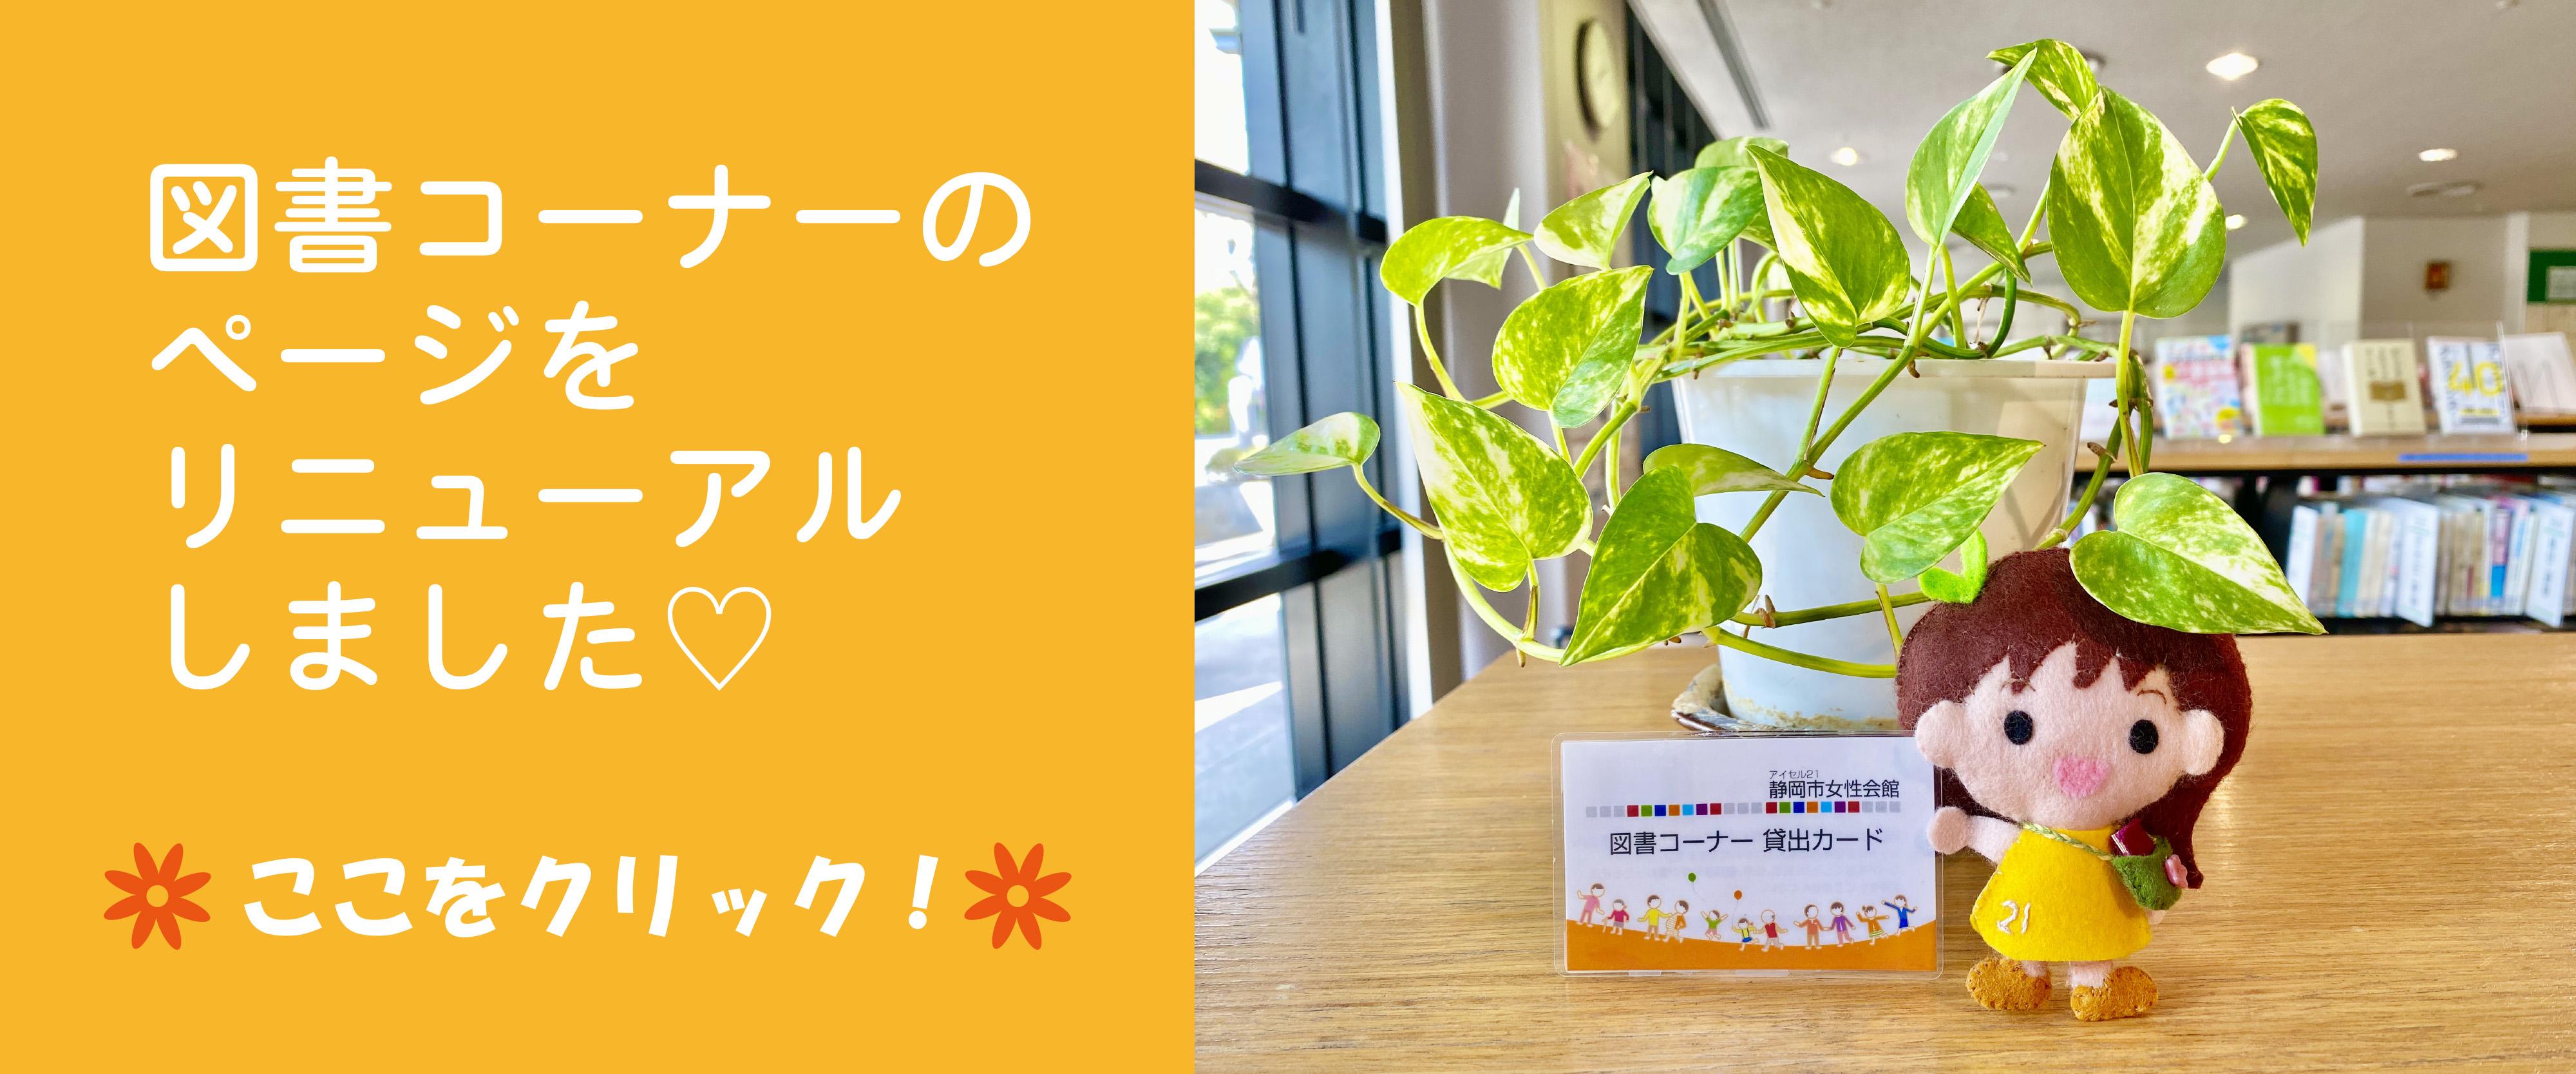 図書Hpリニューアルお知らせ